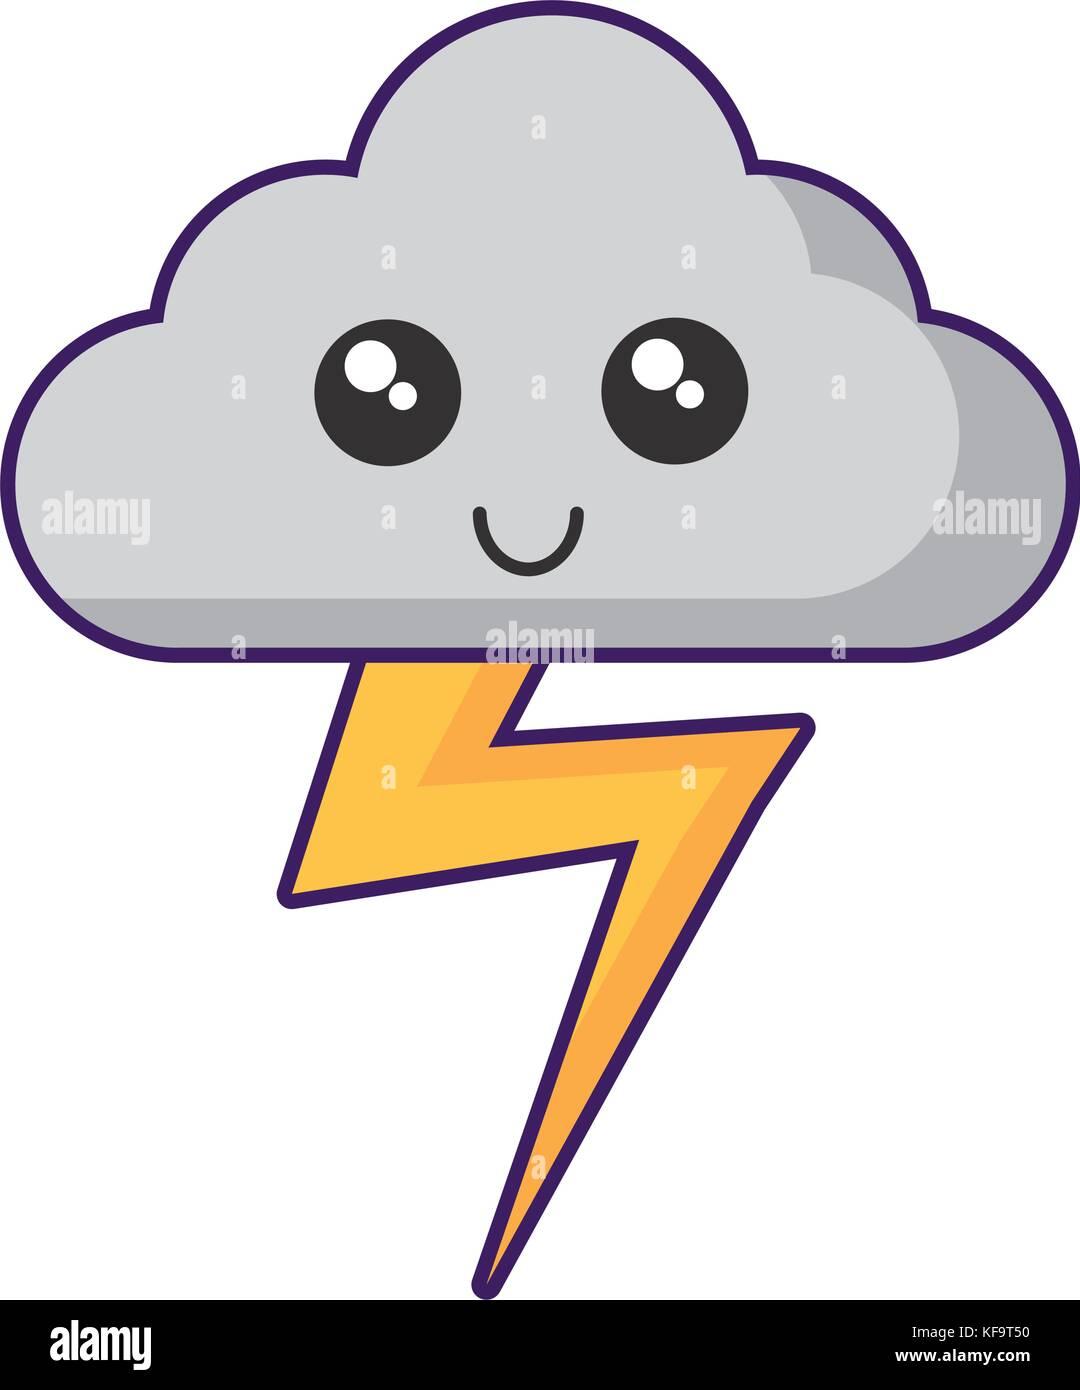 Kawaii cloud e icona di tuono su sfondo bianco illustrazione vettoriale Immagini Stock